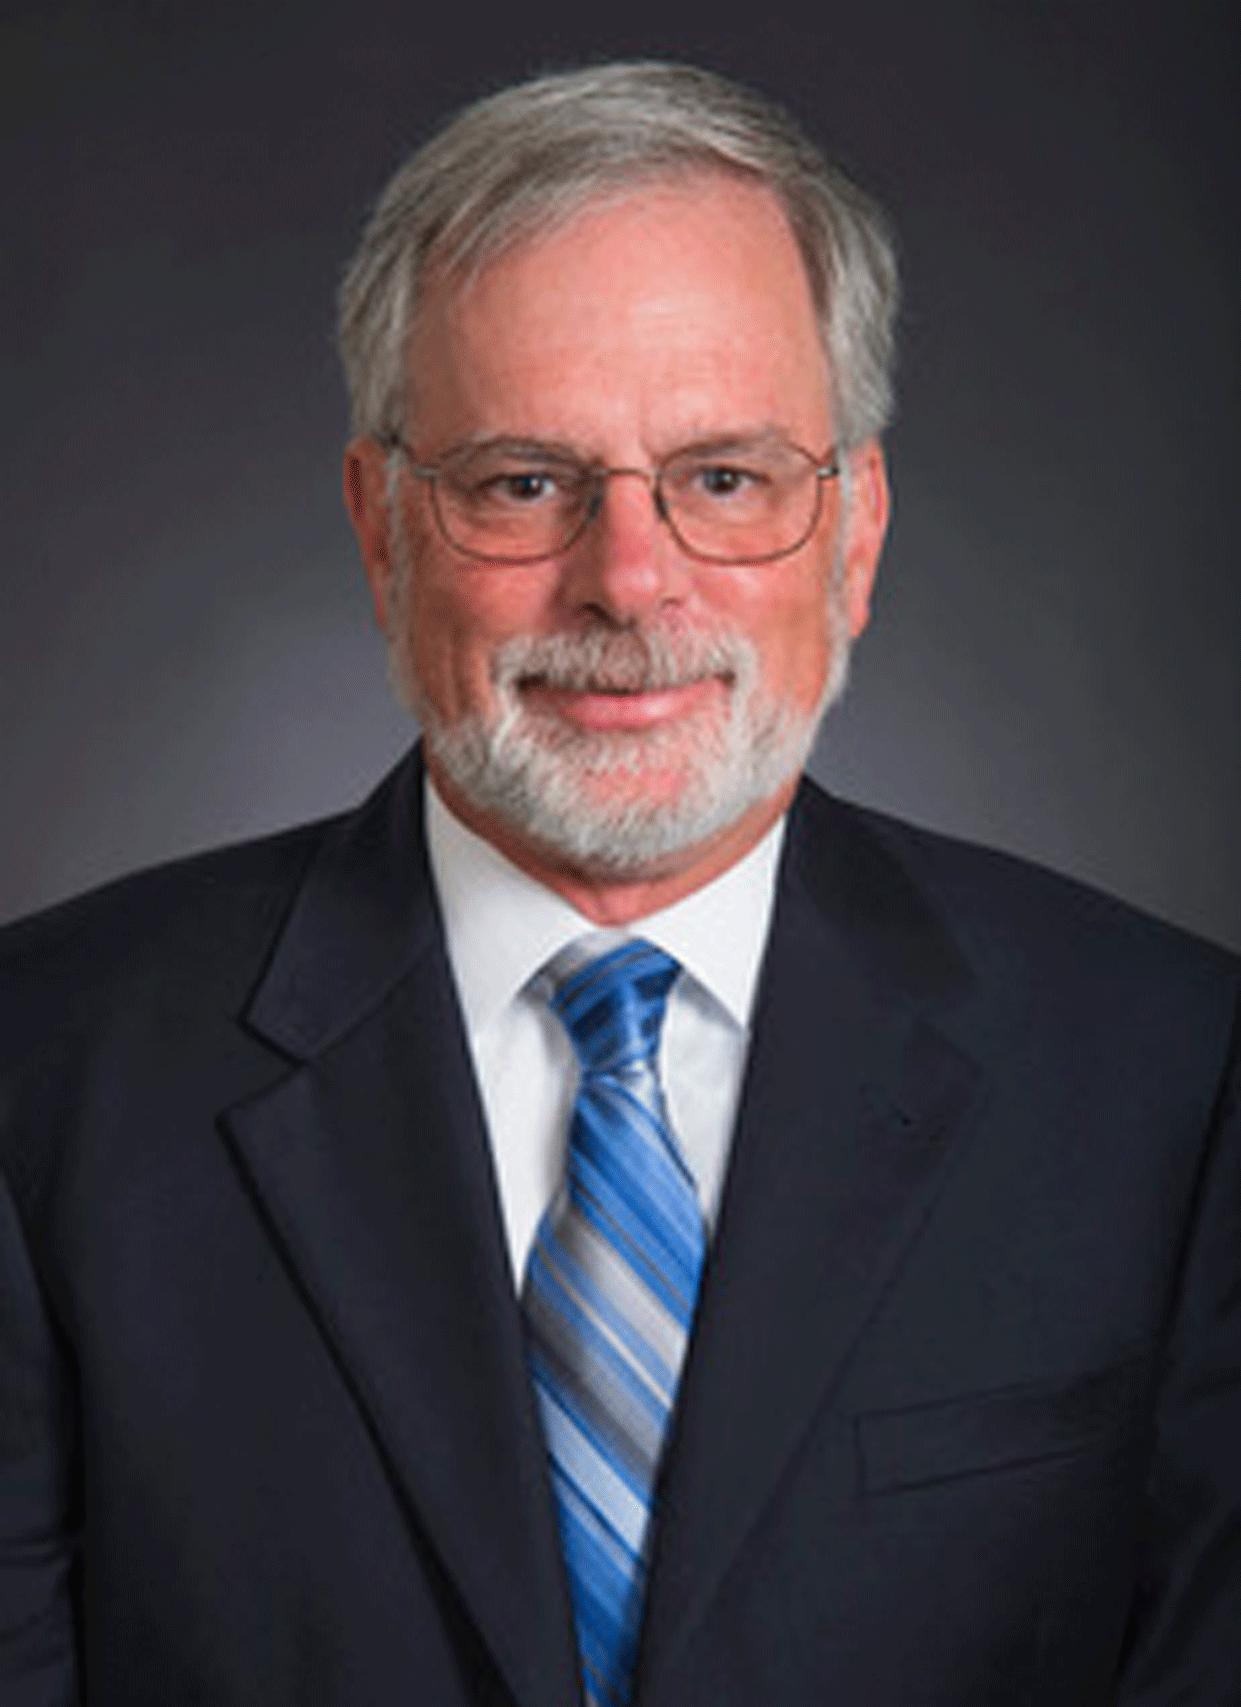 Dan DeMarco, MD, Co-Chair